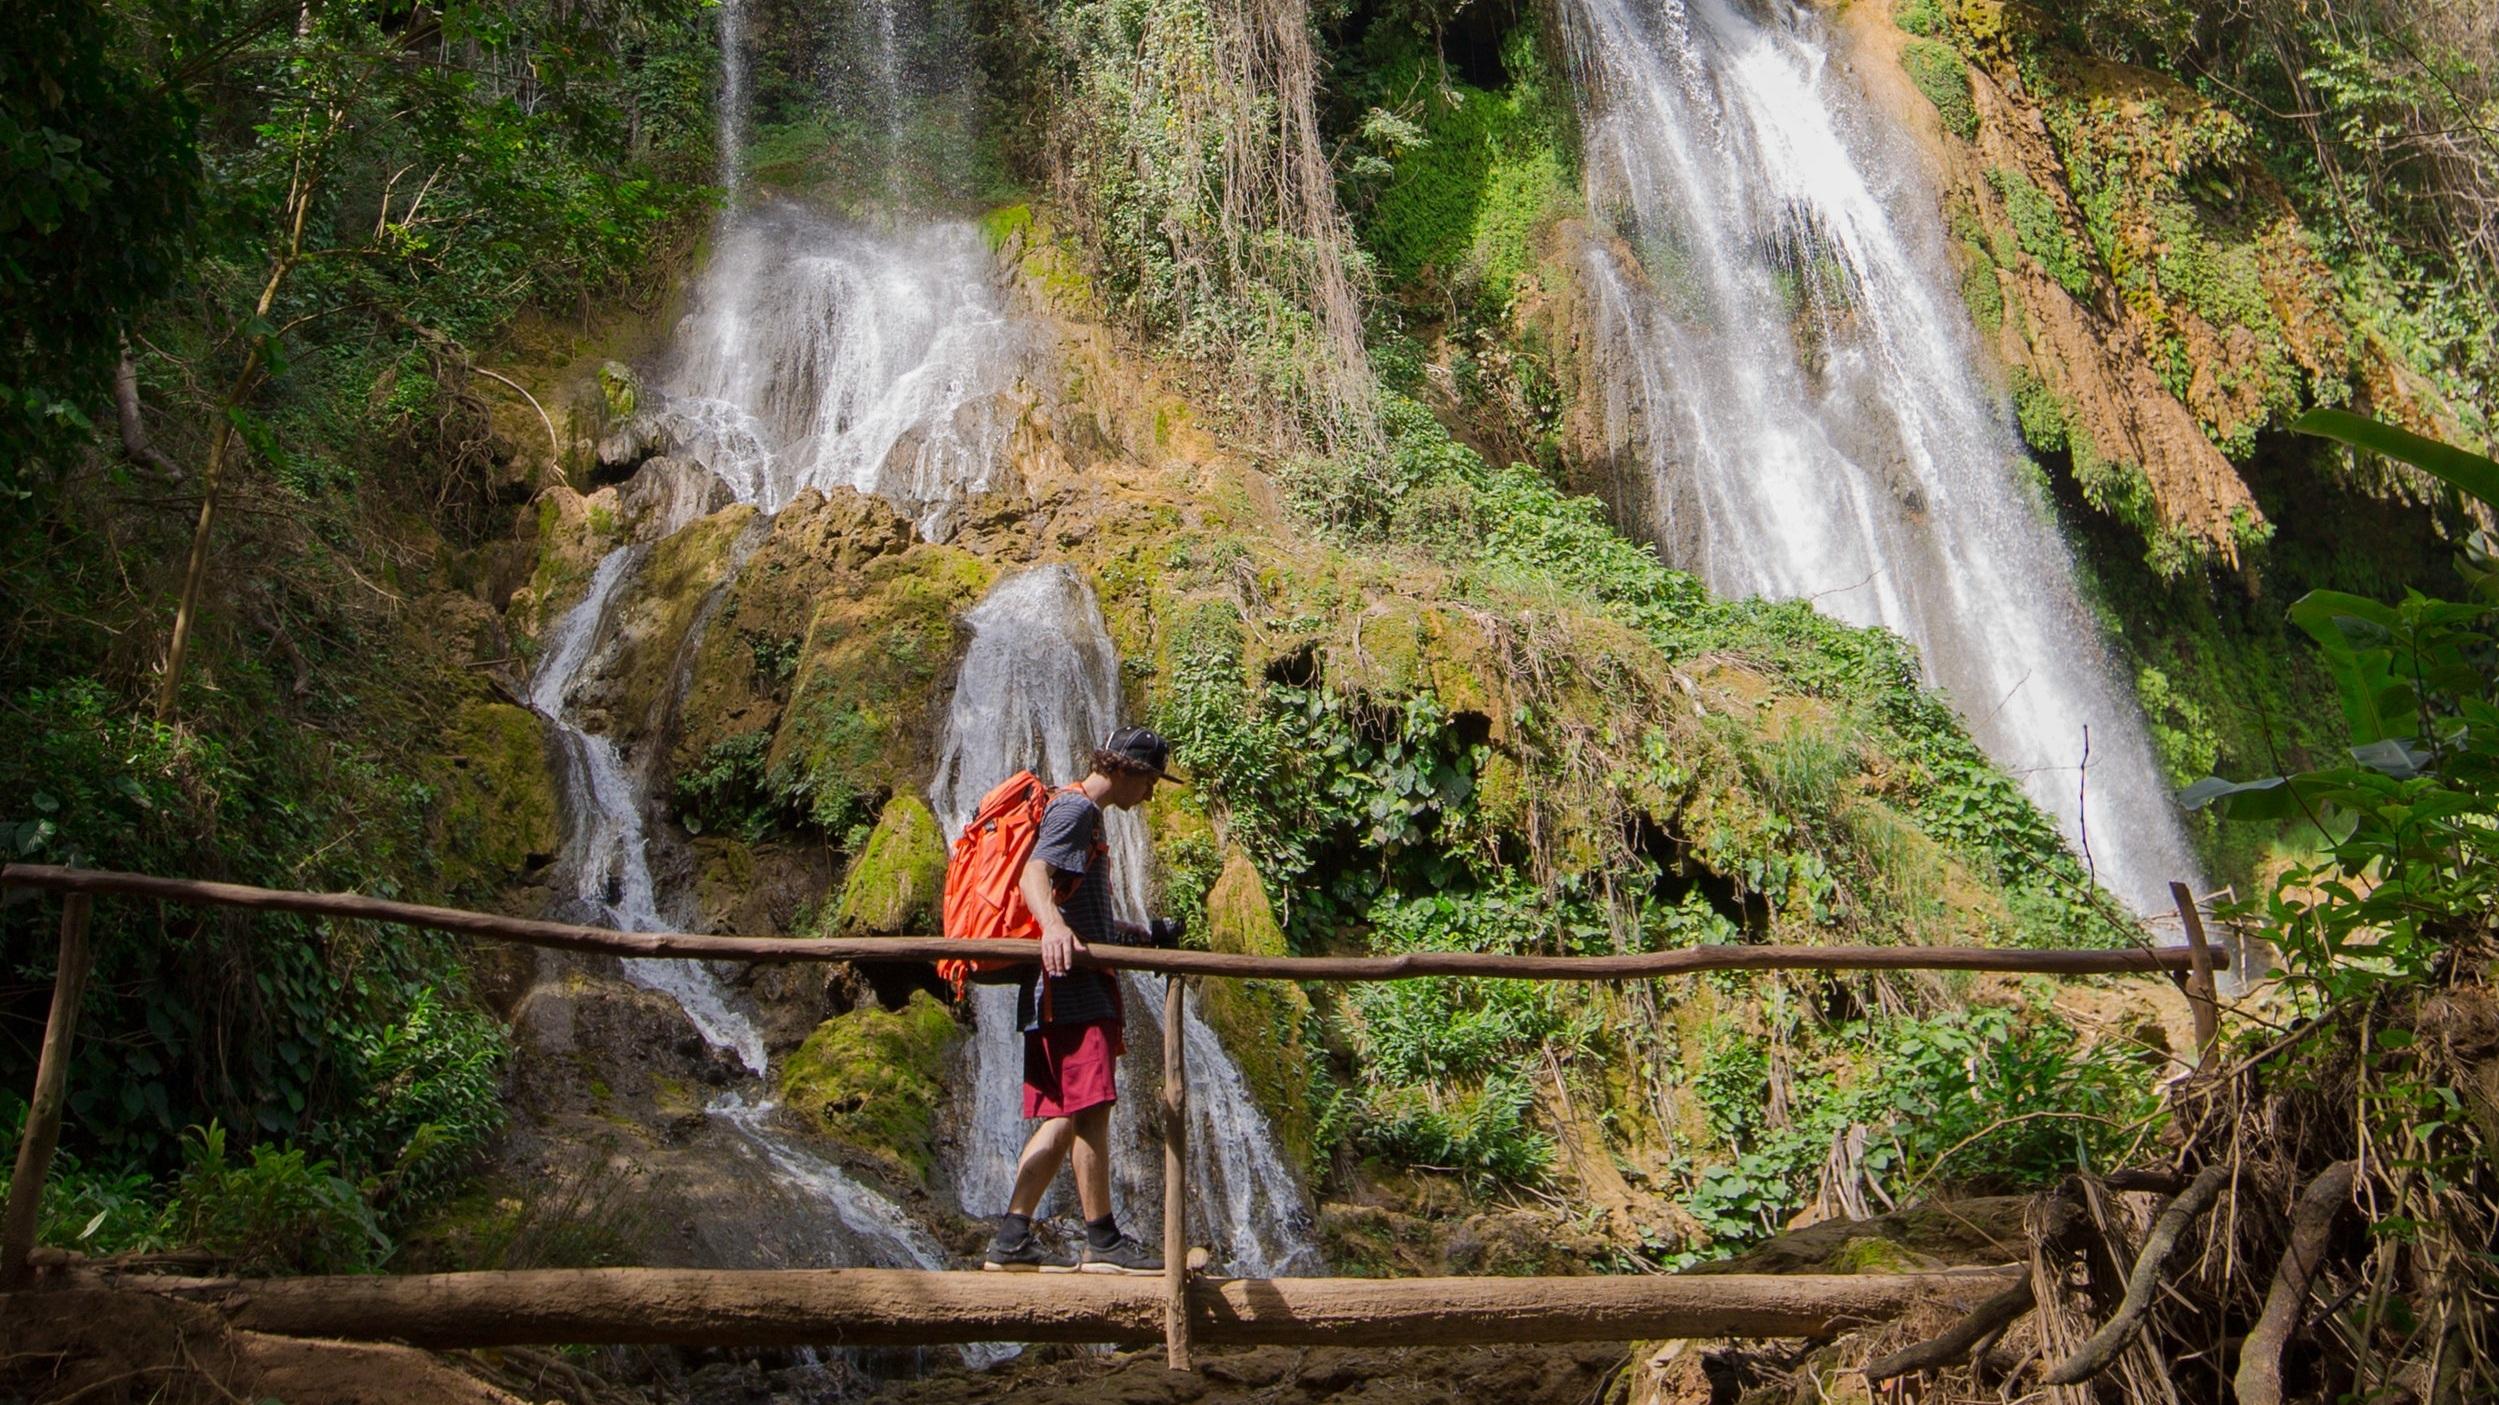 Topes De Collantes Cuba Photo: Leland Schmidt